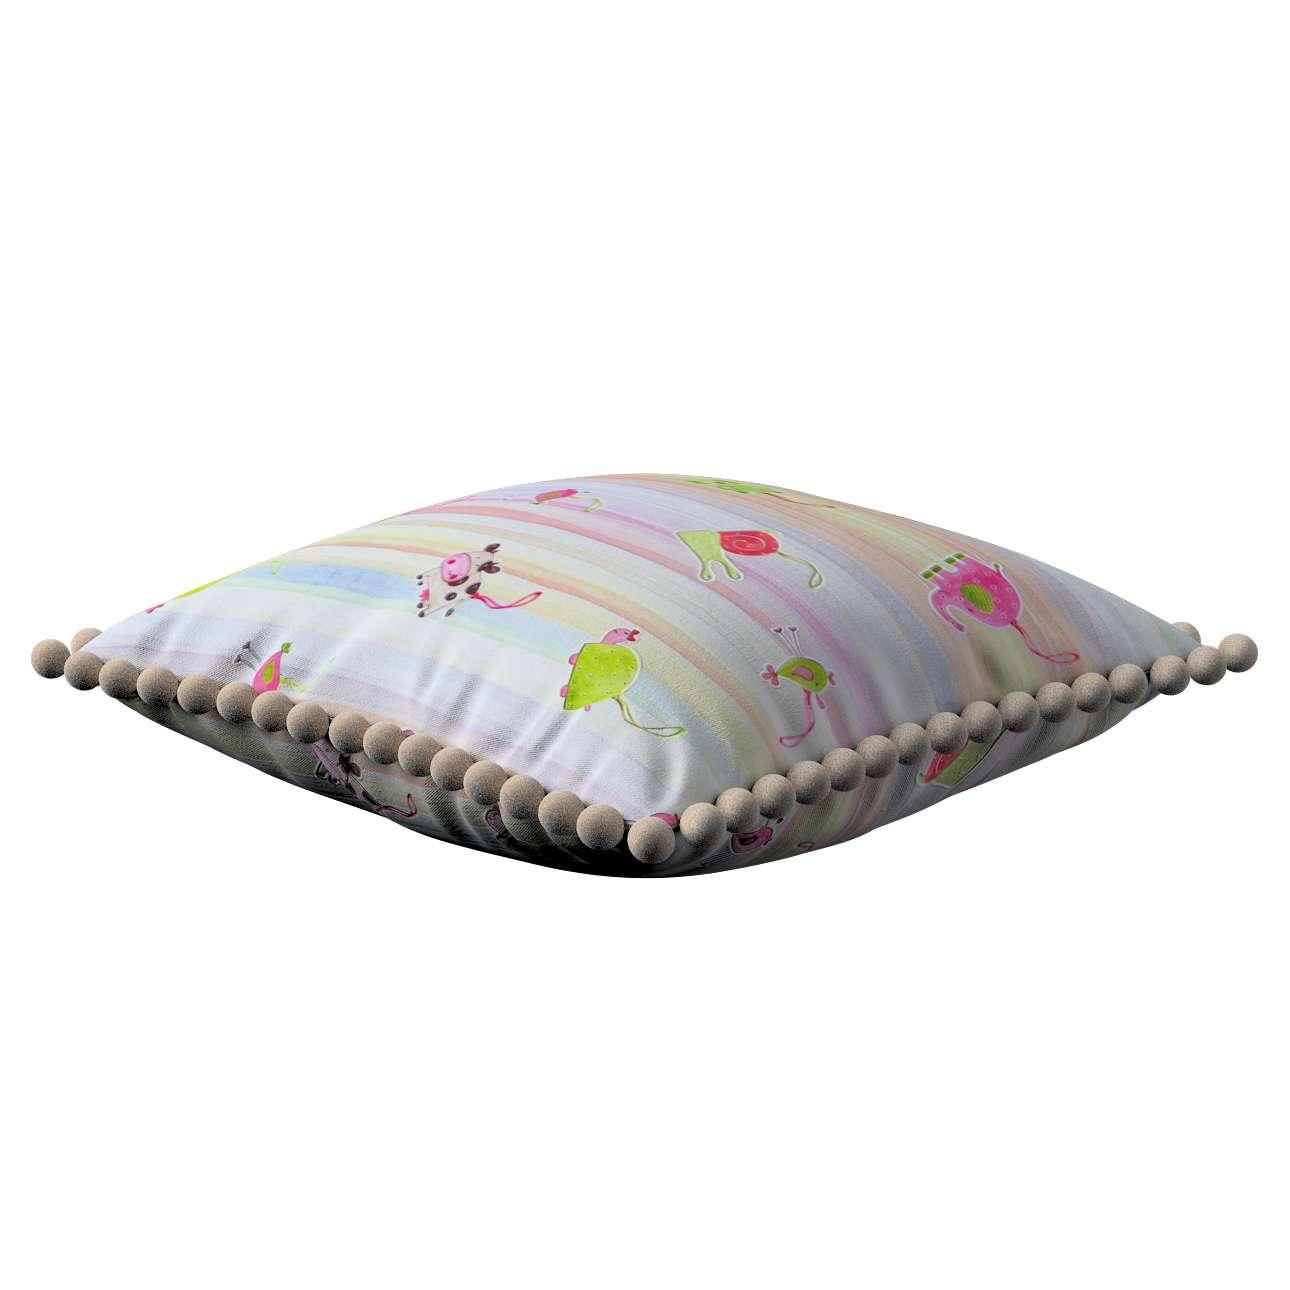 Poszewka Wera na poduszkę 45 x 45 cm w kolekcji Apanona, tkanina: 151-05